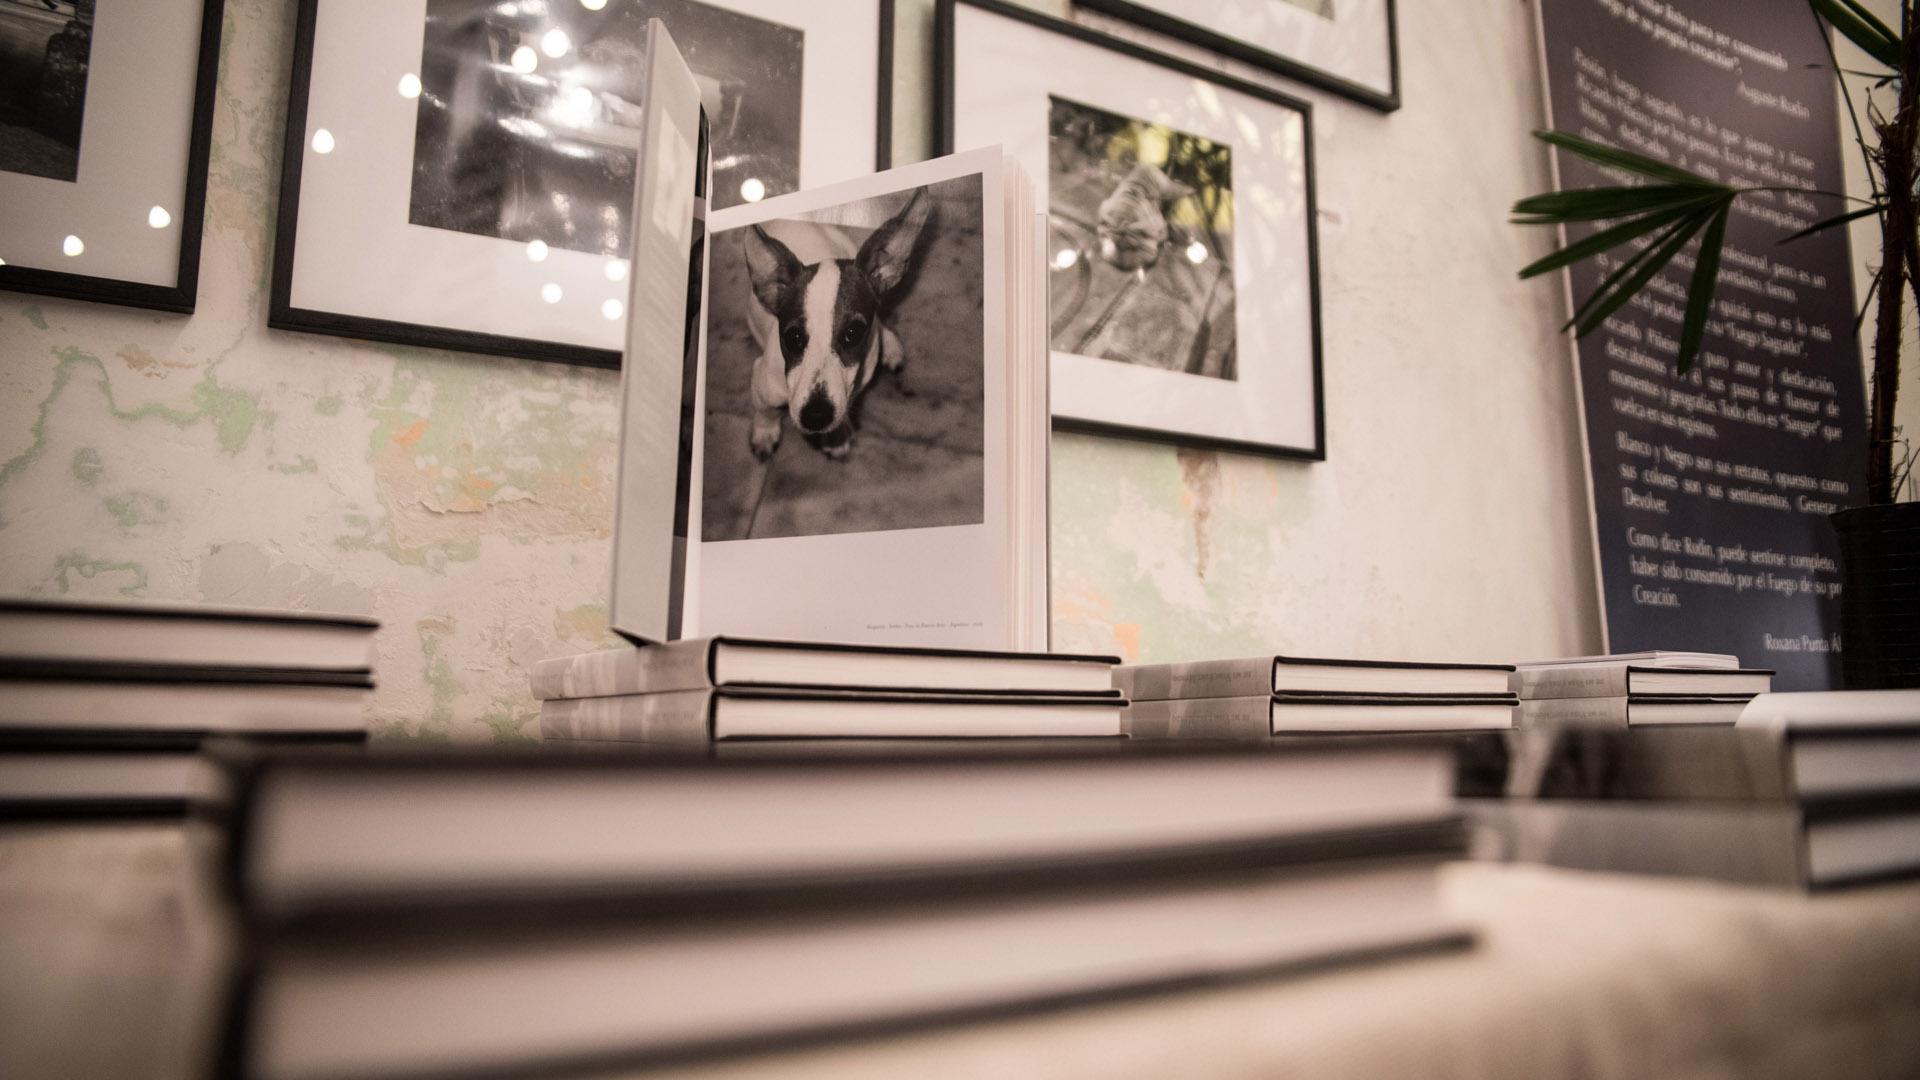 La recaudación del libro que reúne retratos de perros del mundo será donado a Fundación Zorba